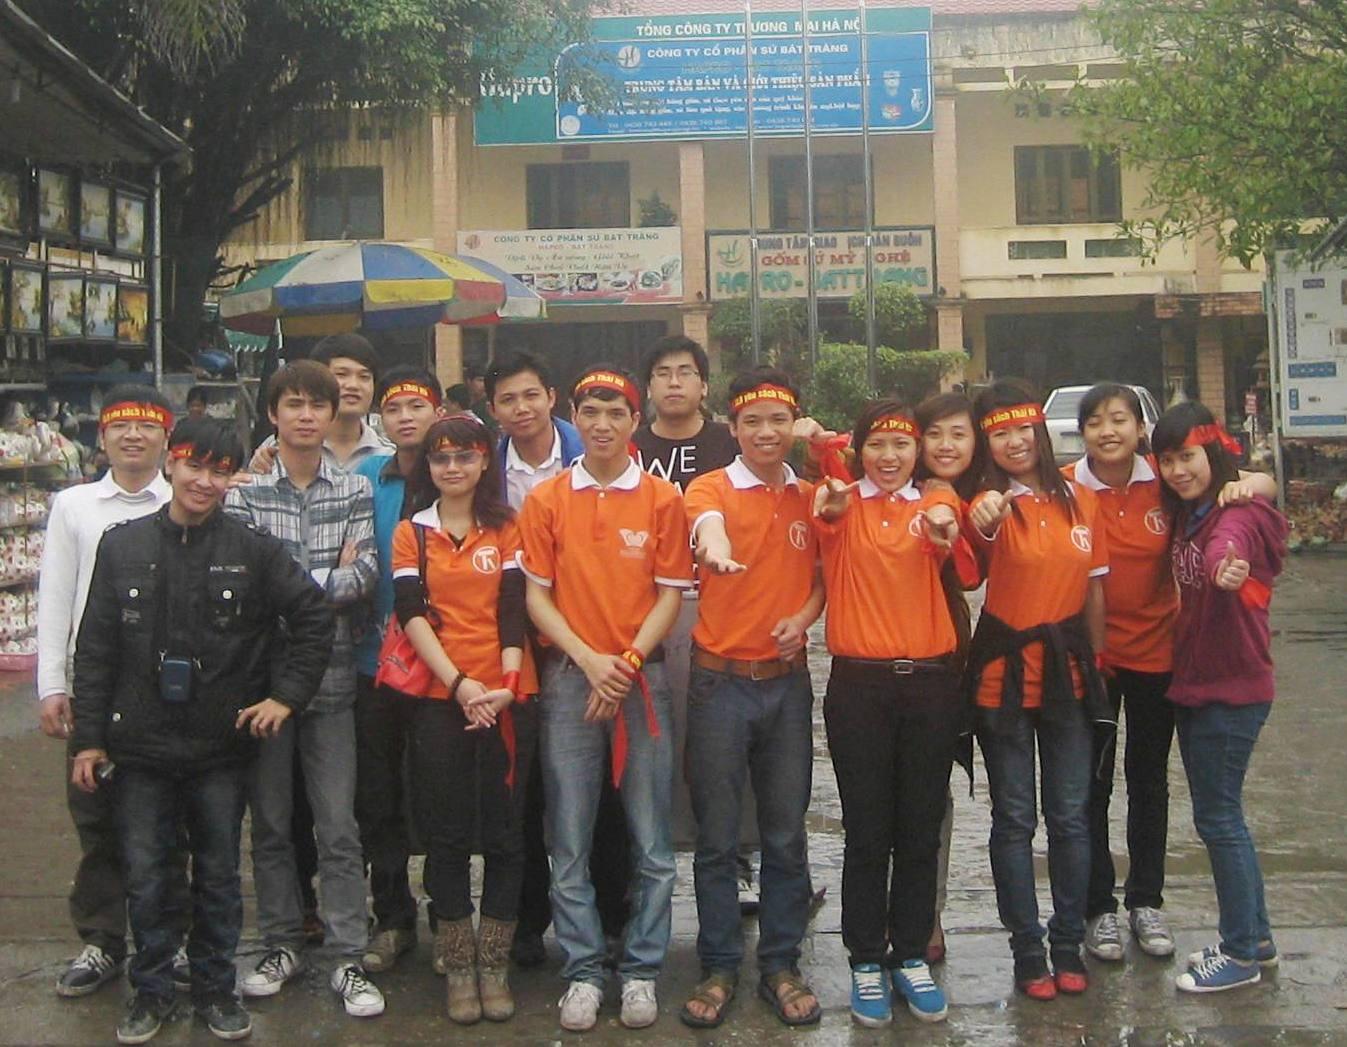 CLB Yêu sách Thái Hà offline cuối năm và giao lưu cùng thầy Nguyễn Mạnh Hùng